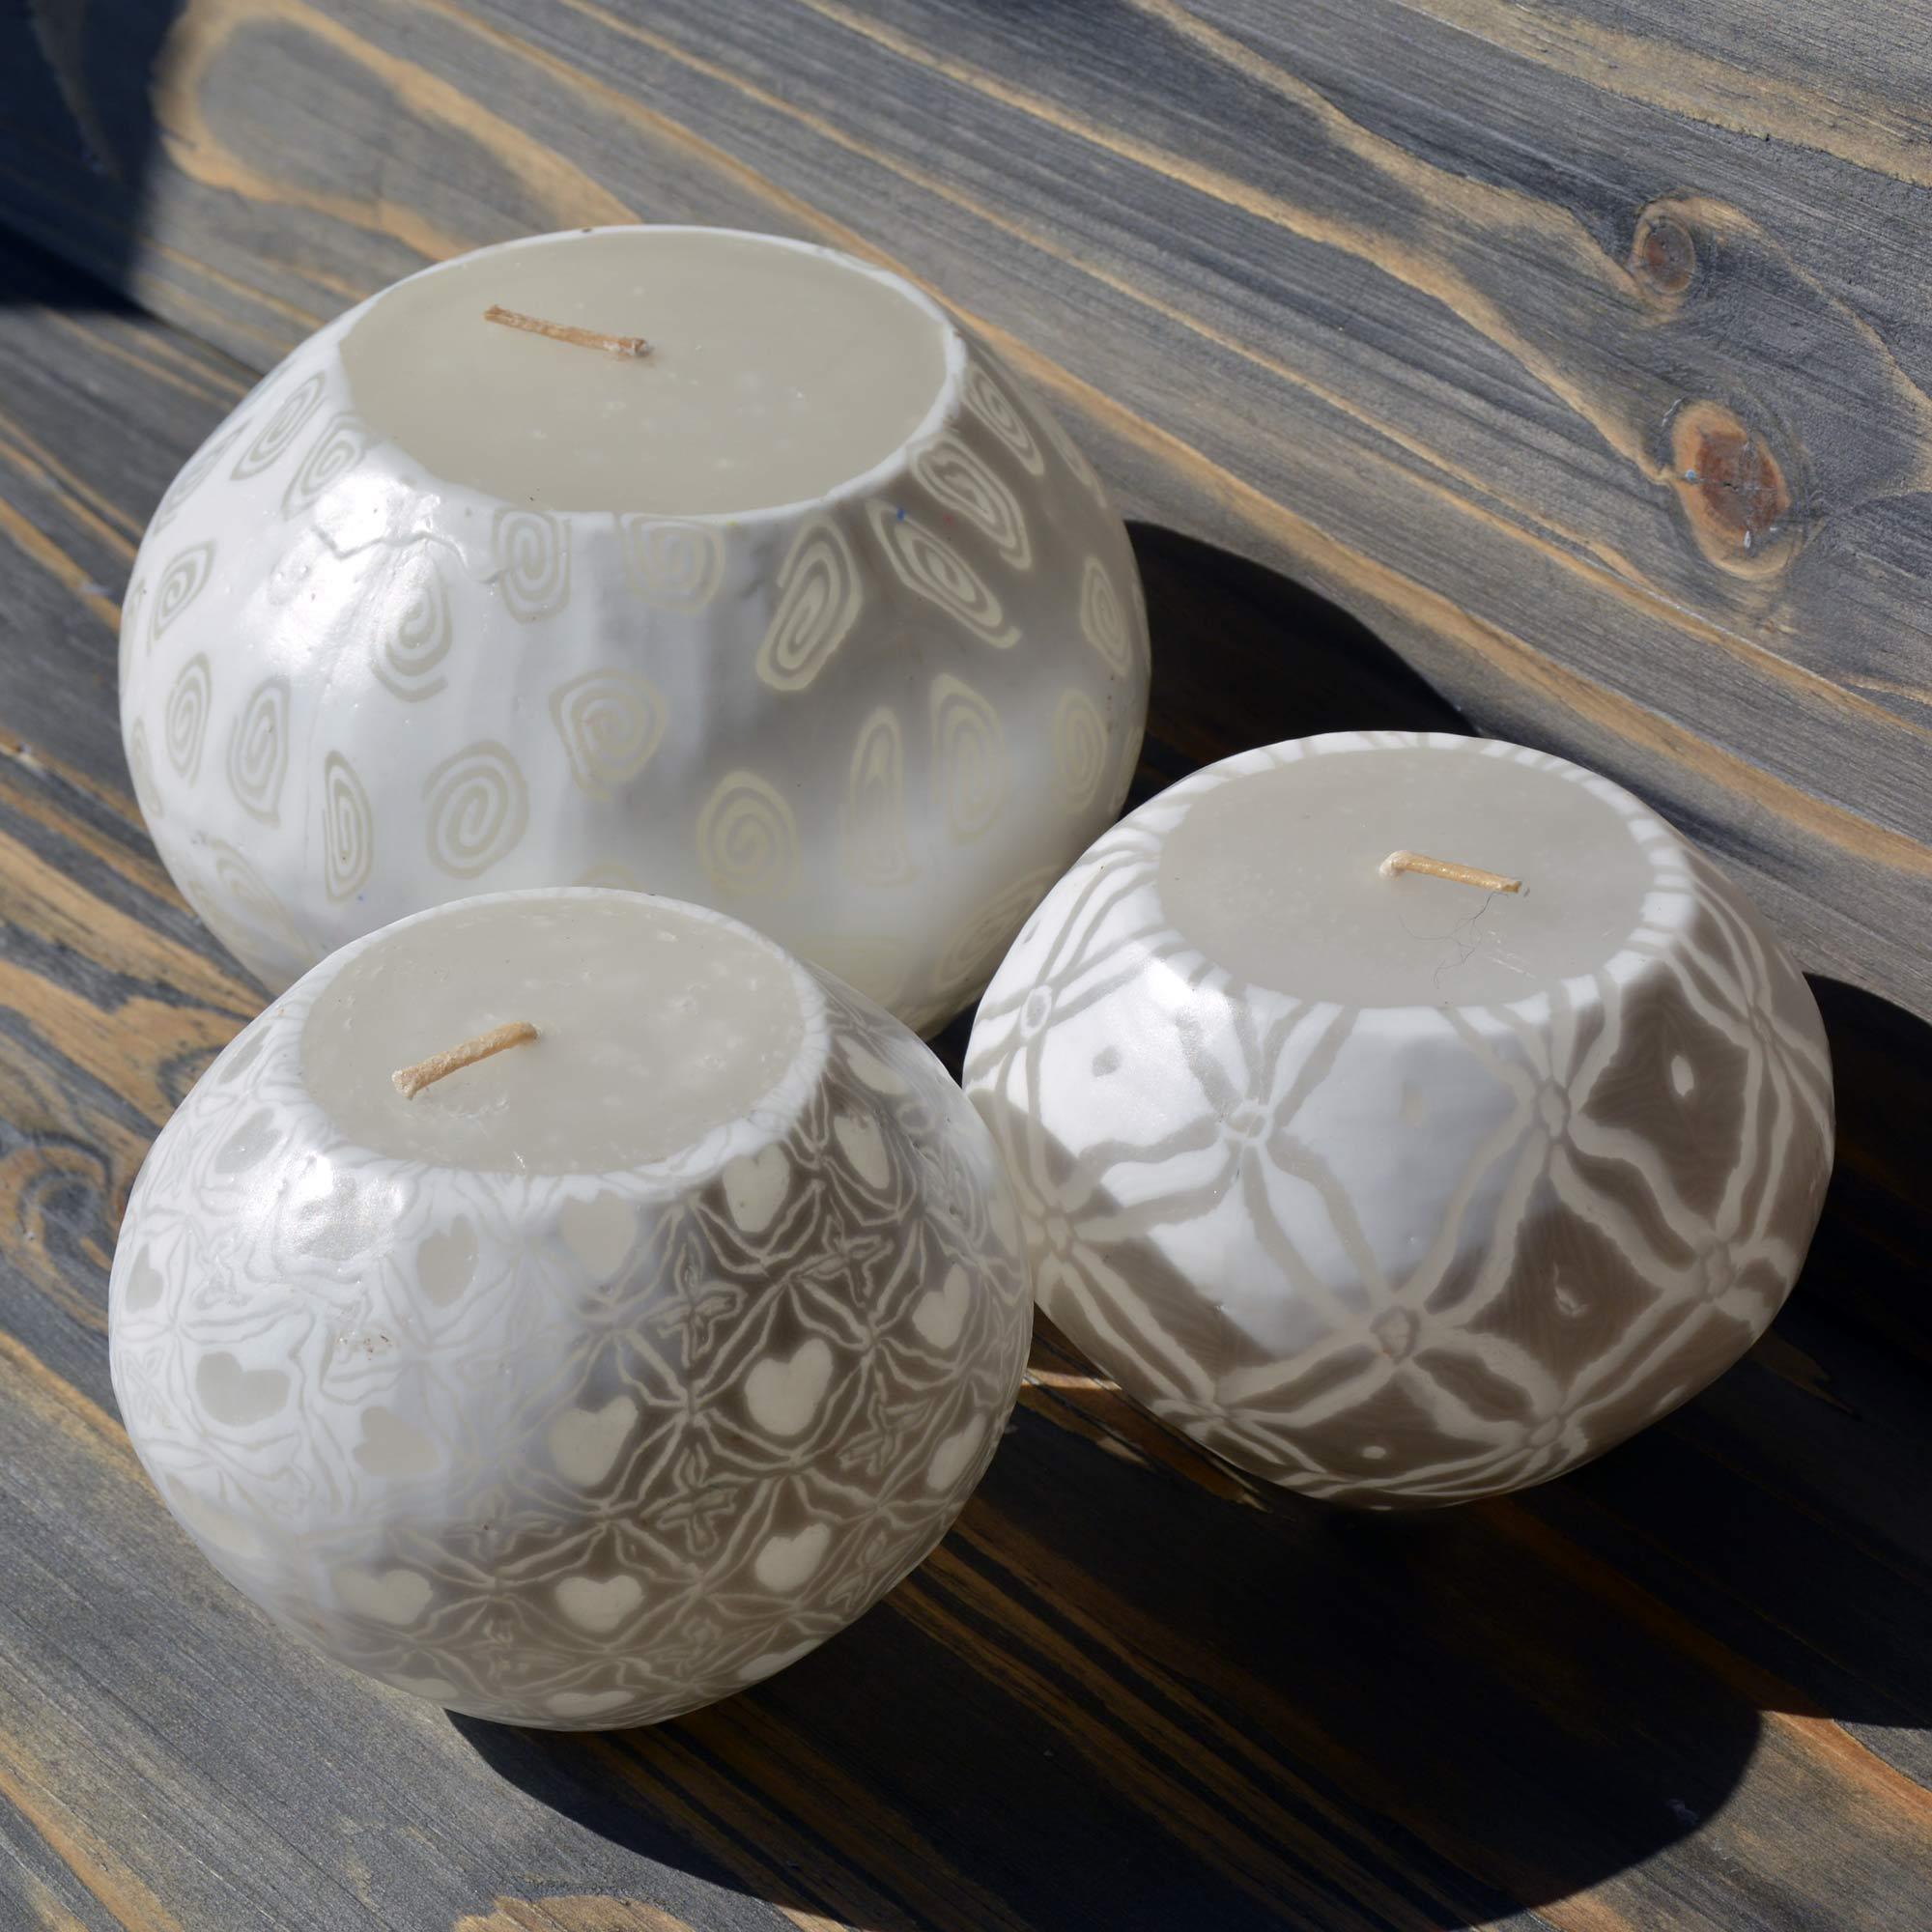 Whites01web-1 Schöne Kerze Leuchtet In Verschiedenen Farben Dekorationen